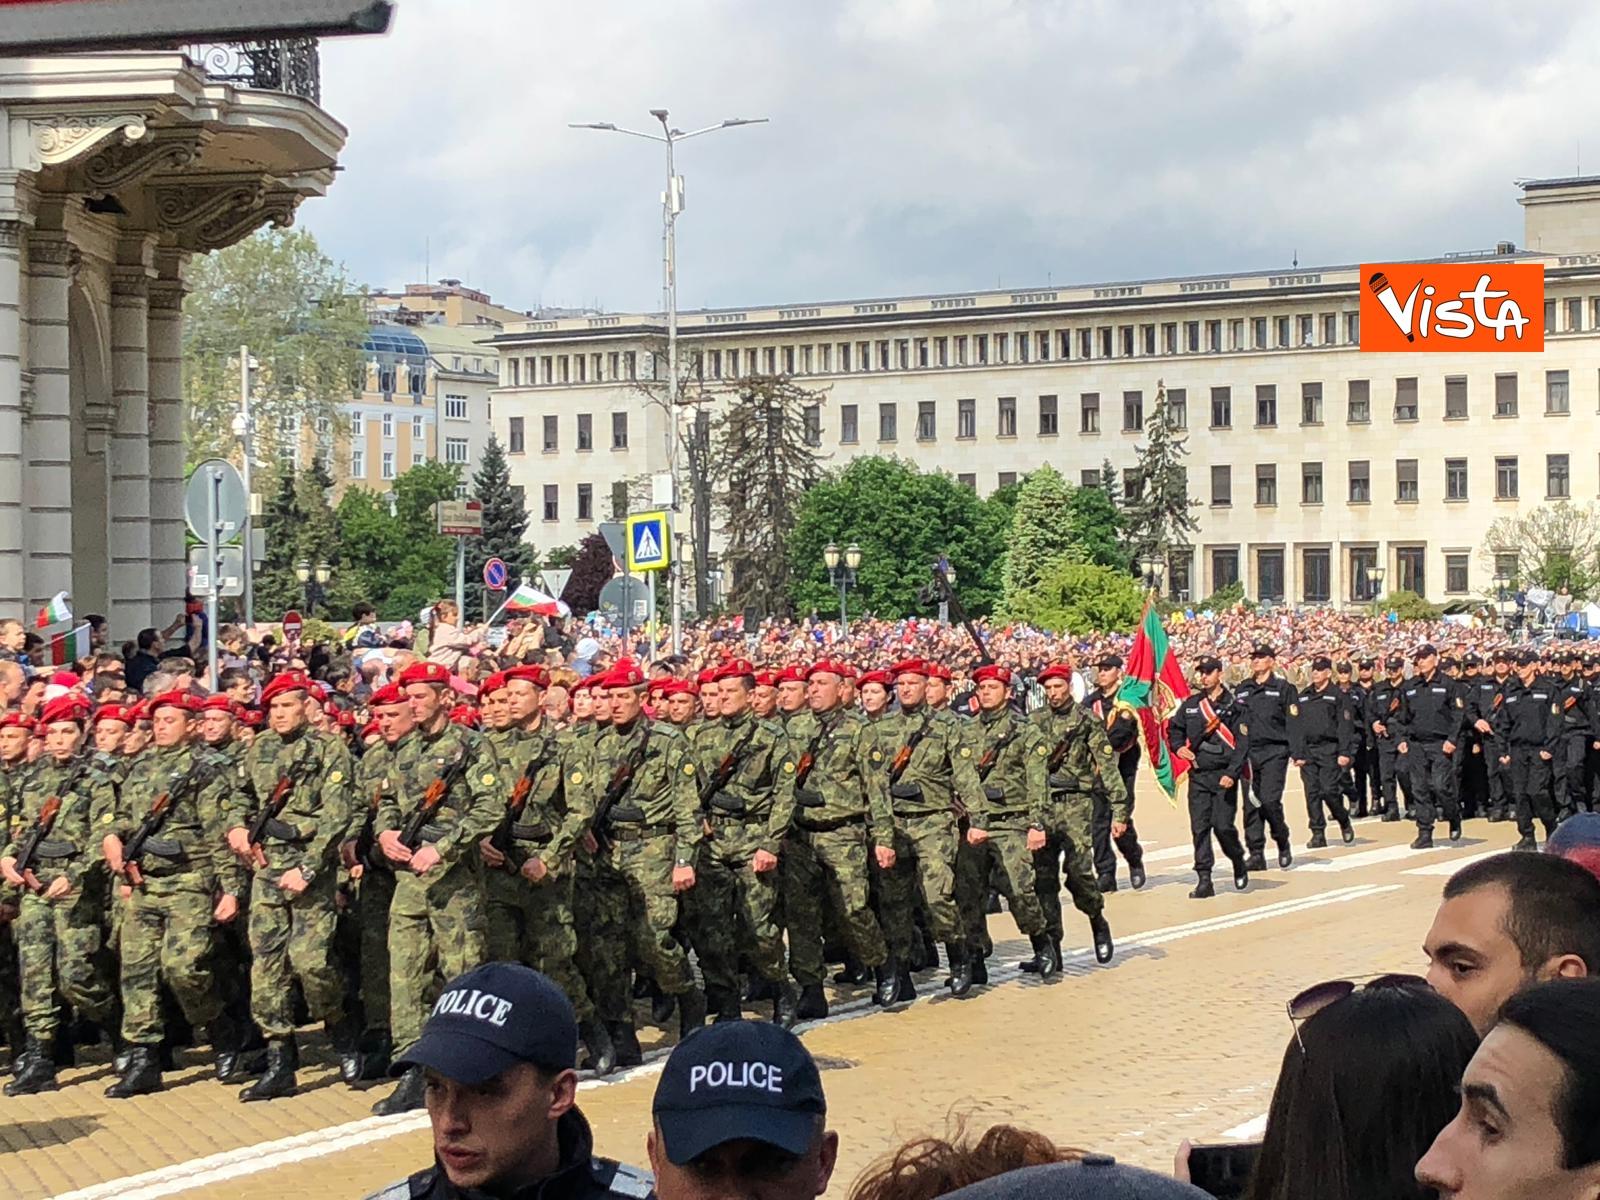 06-05-19 La parata militare a Sofia per la festa dell esercito in occasione di San Giorgio